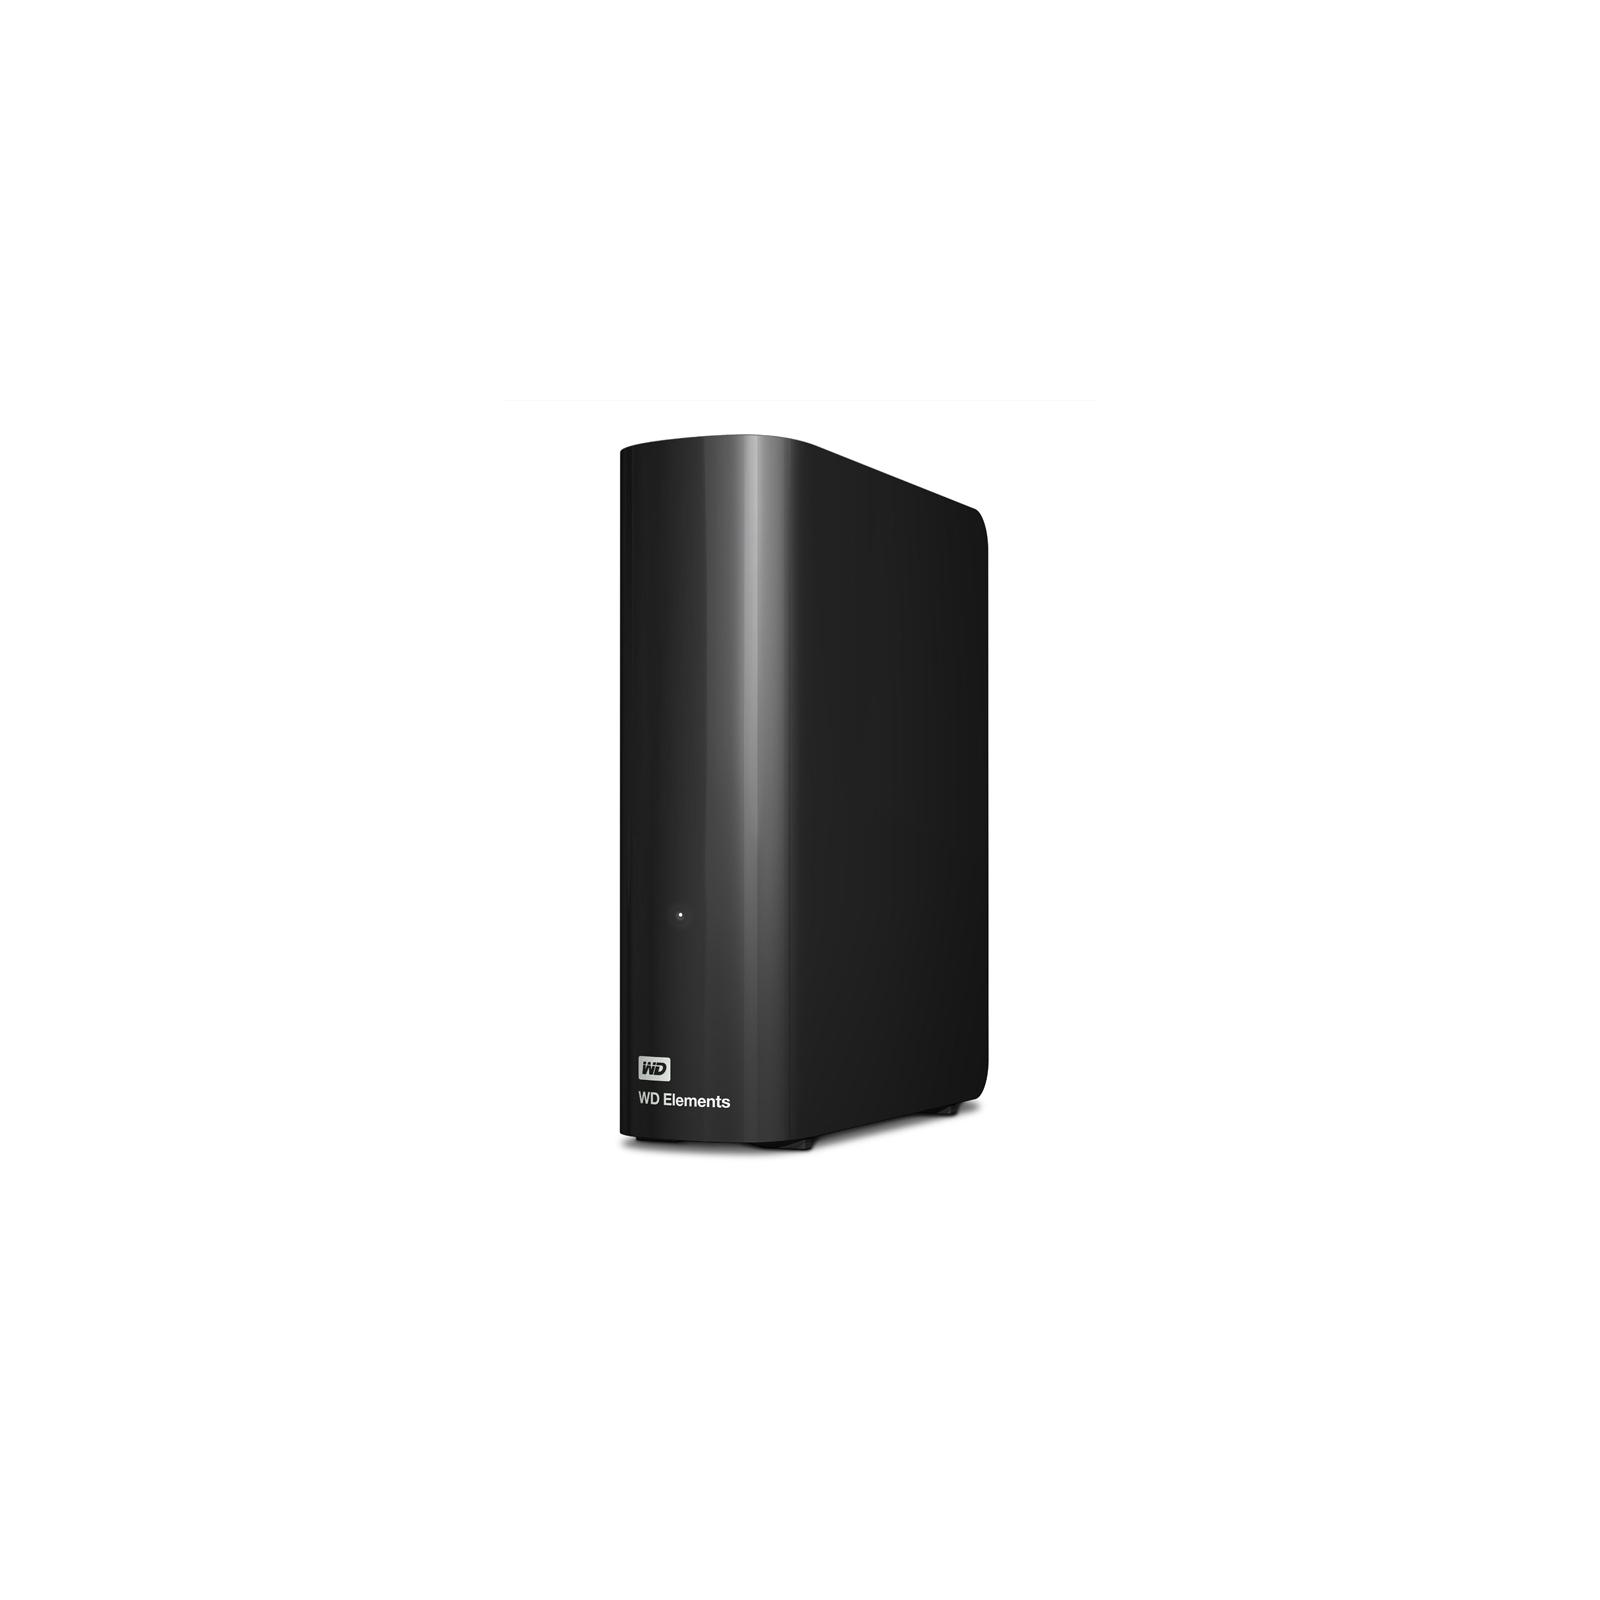 """Внешний жесткий диск 3.5"""" 3TB Western Digital (WDBWLG0030HBK-EESN) изображение 6"""